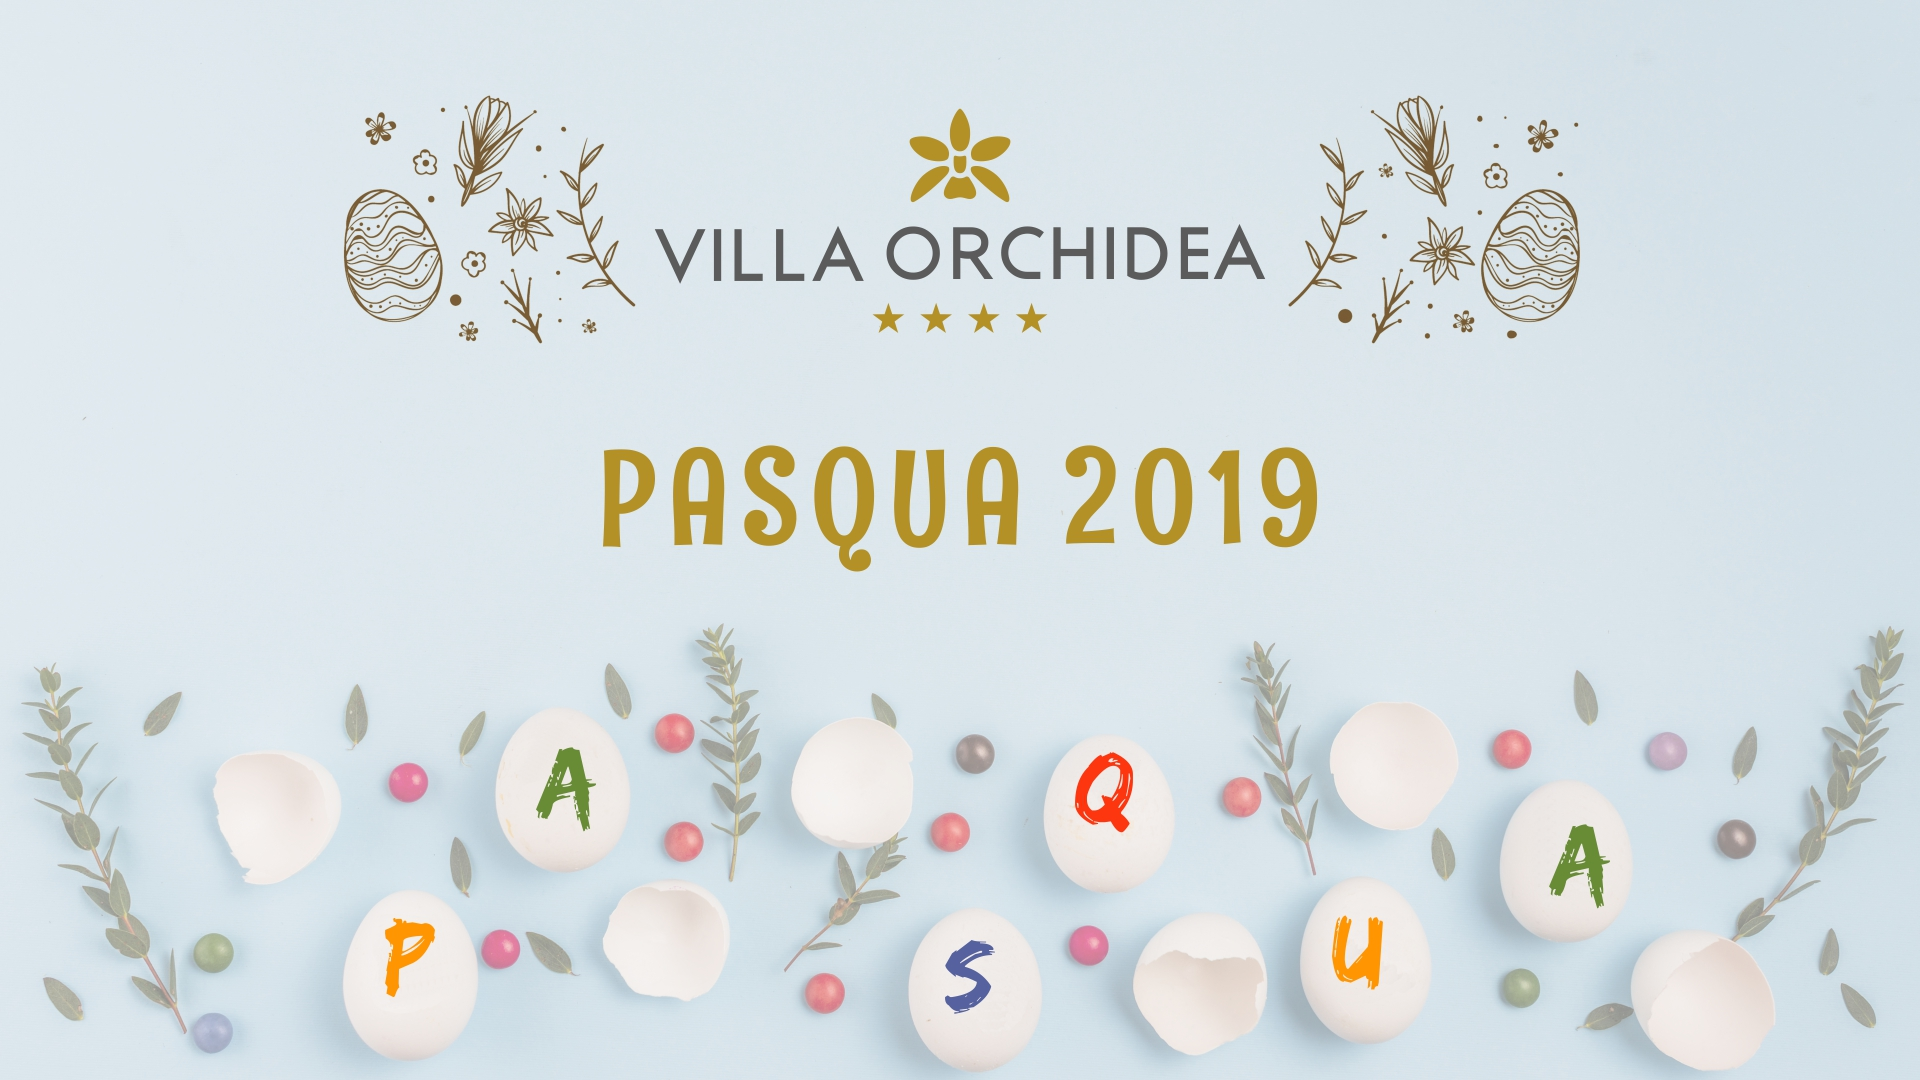 Pasqua 2019 a Villa Orchidea